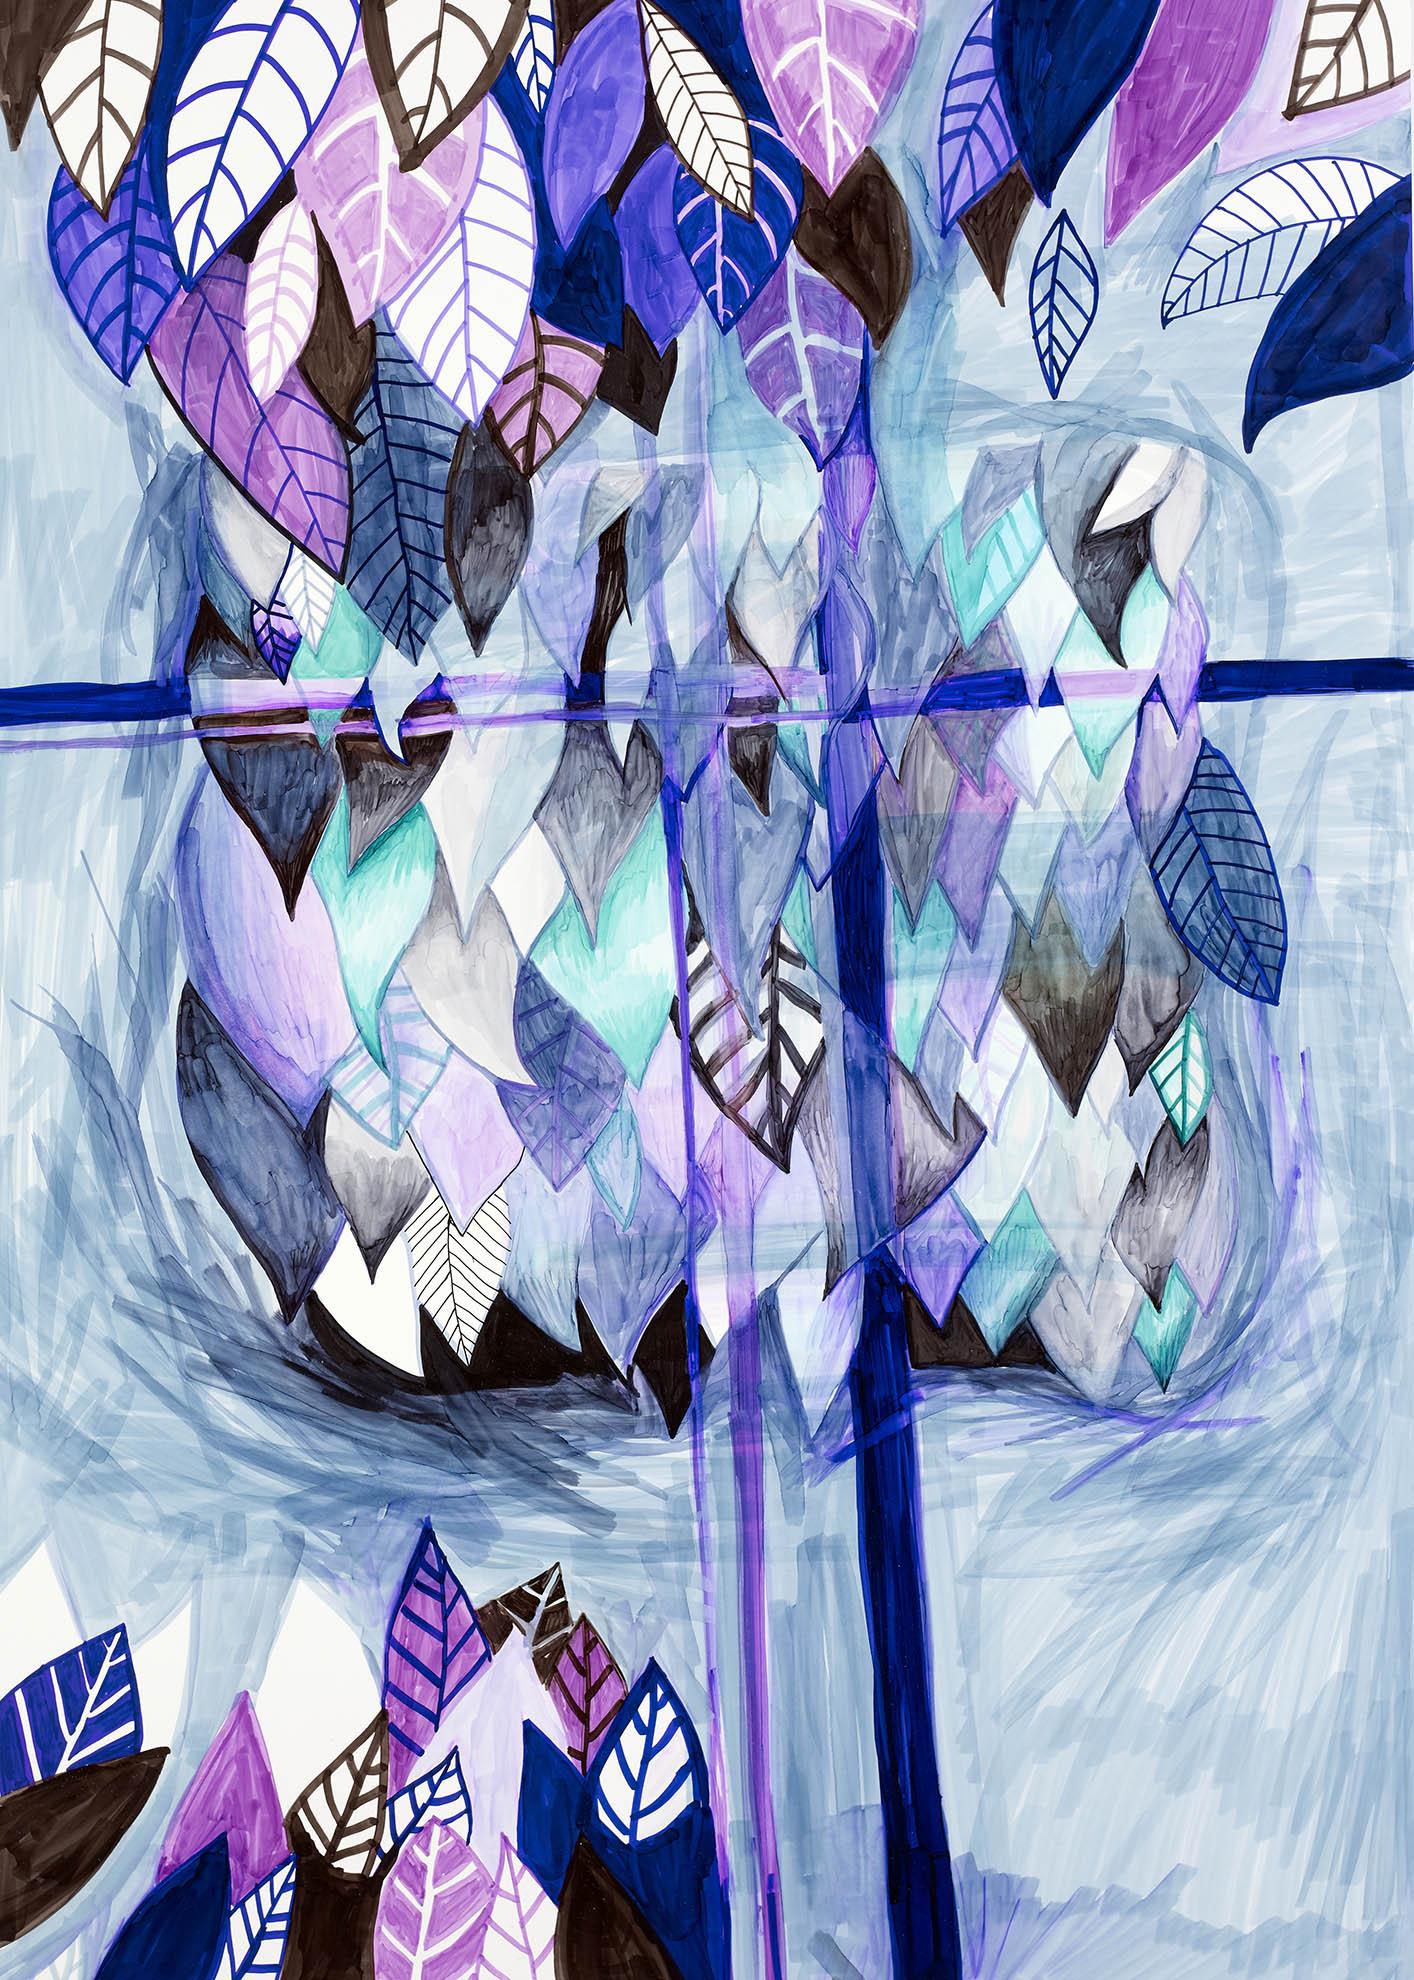 Dessin, Reflets de feuilles dans le croisillon d'une fenêtre